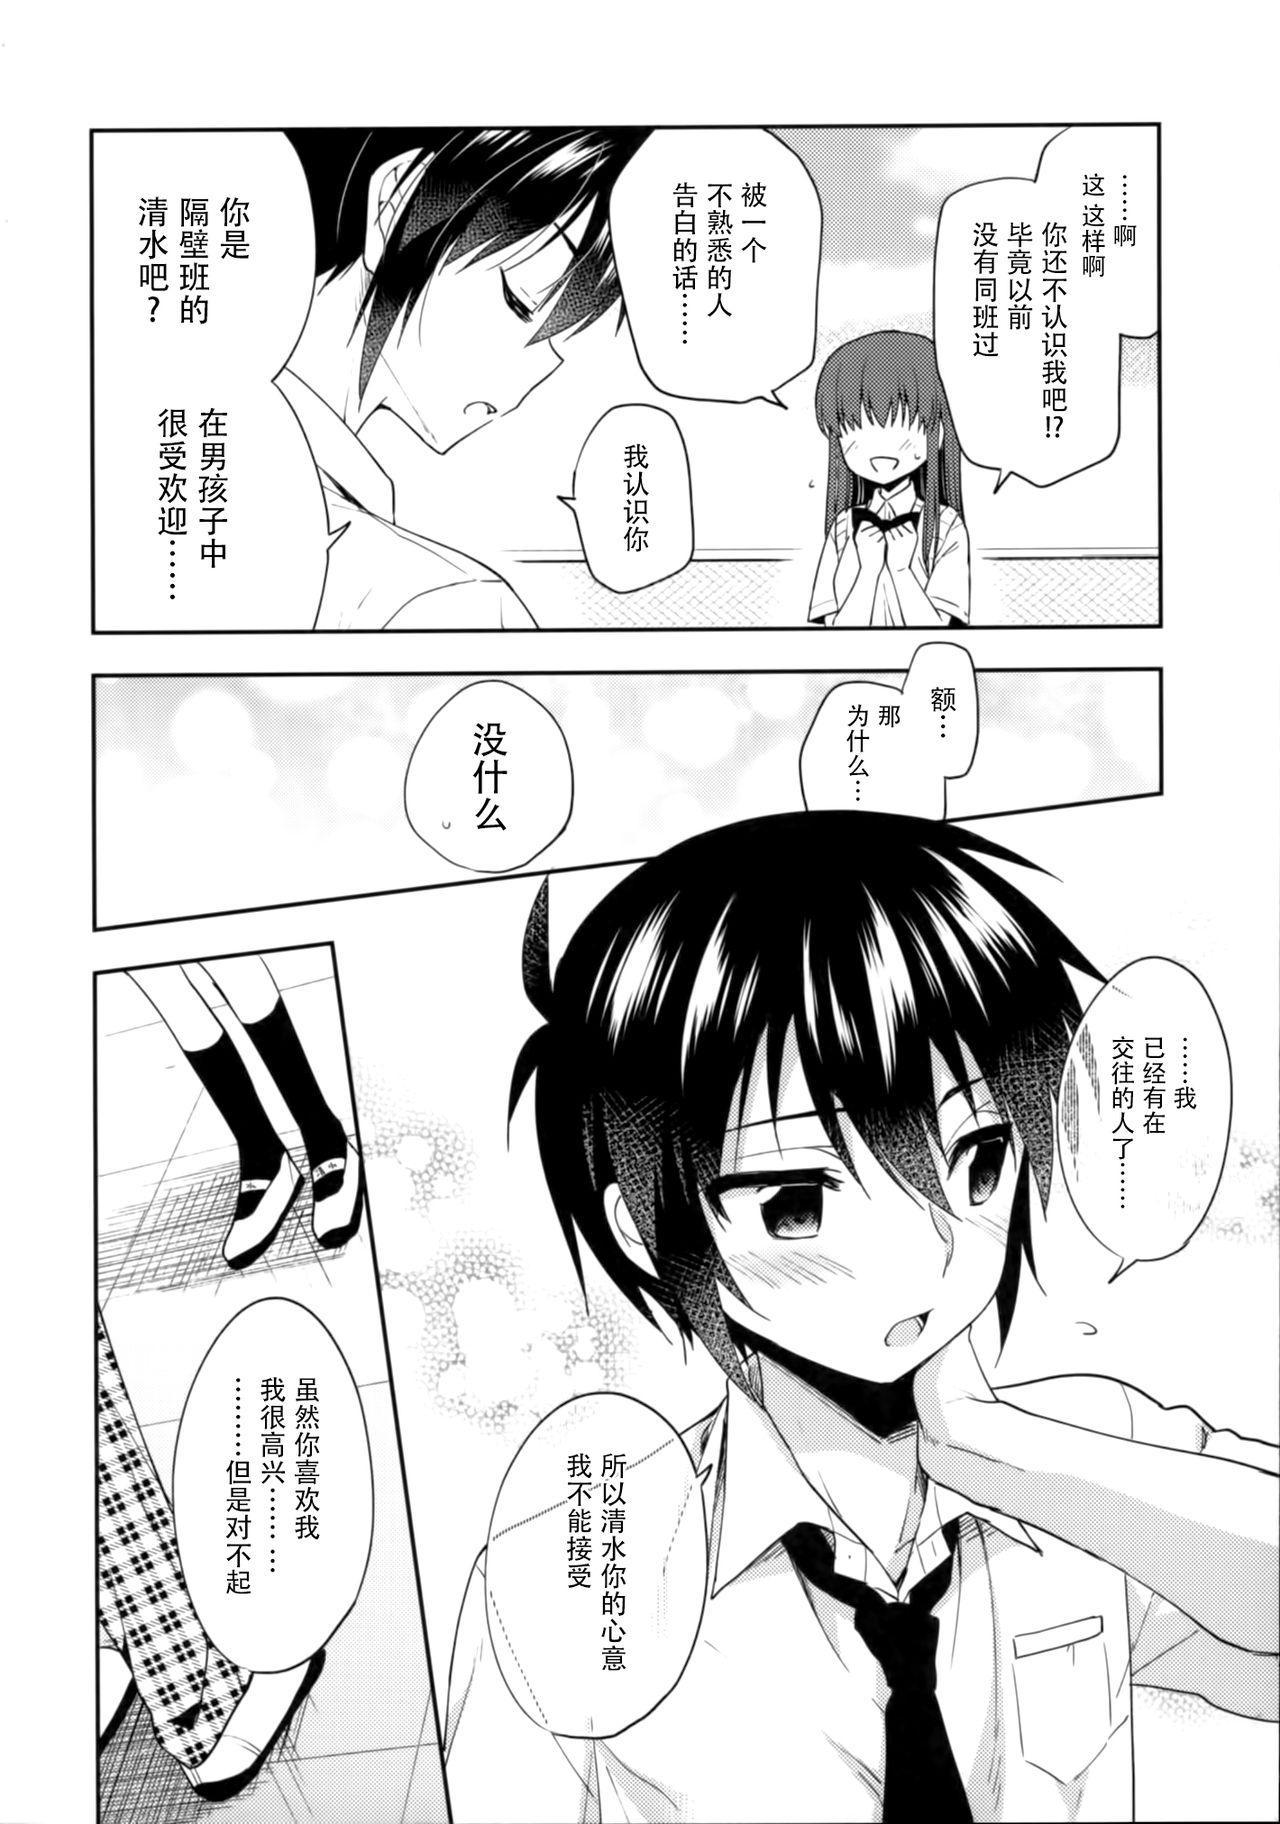 Dousei Hajimemashita 5 5